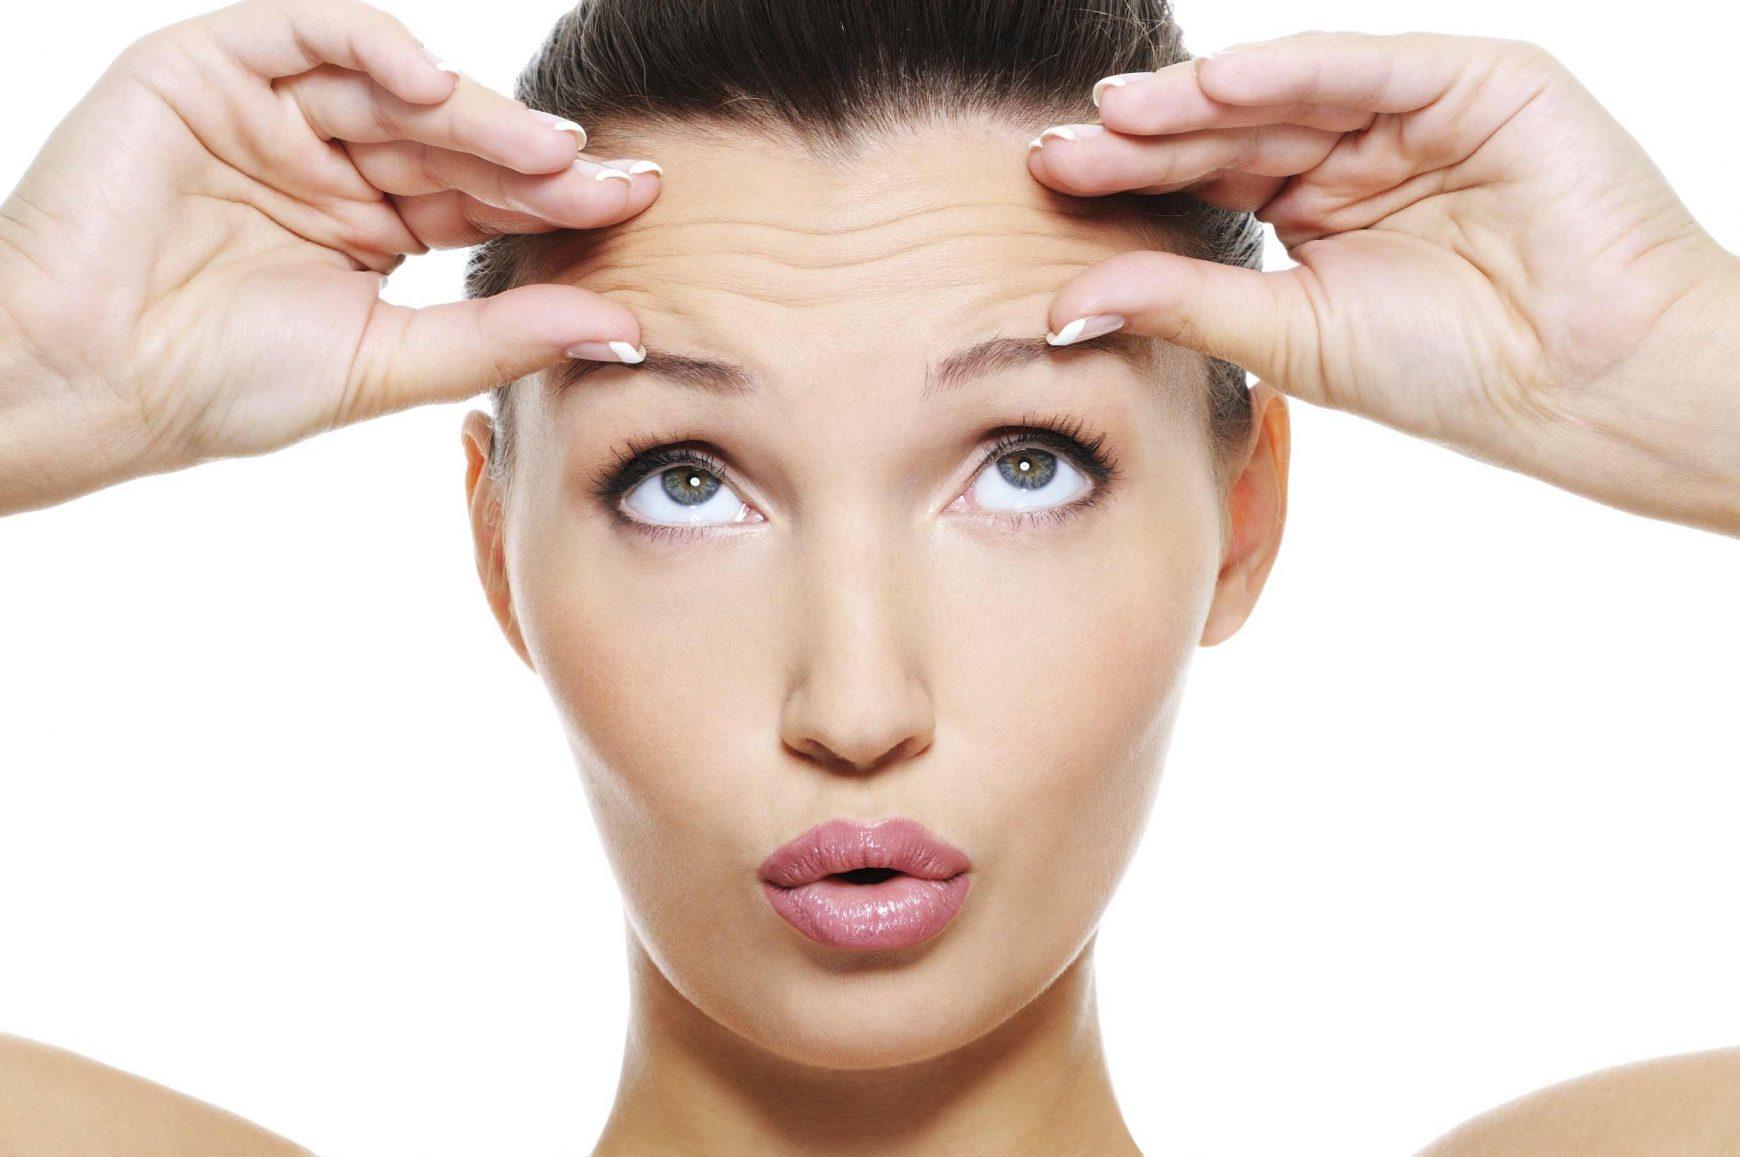 Envelhecimento Da Pele é Relacionado Aos Ossos Da Face